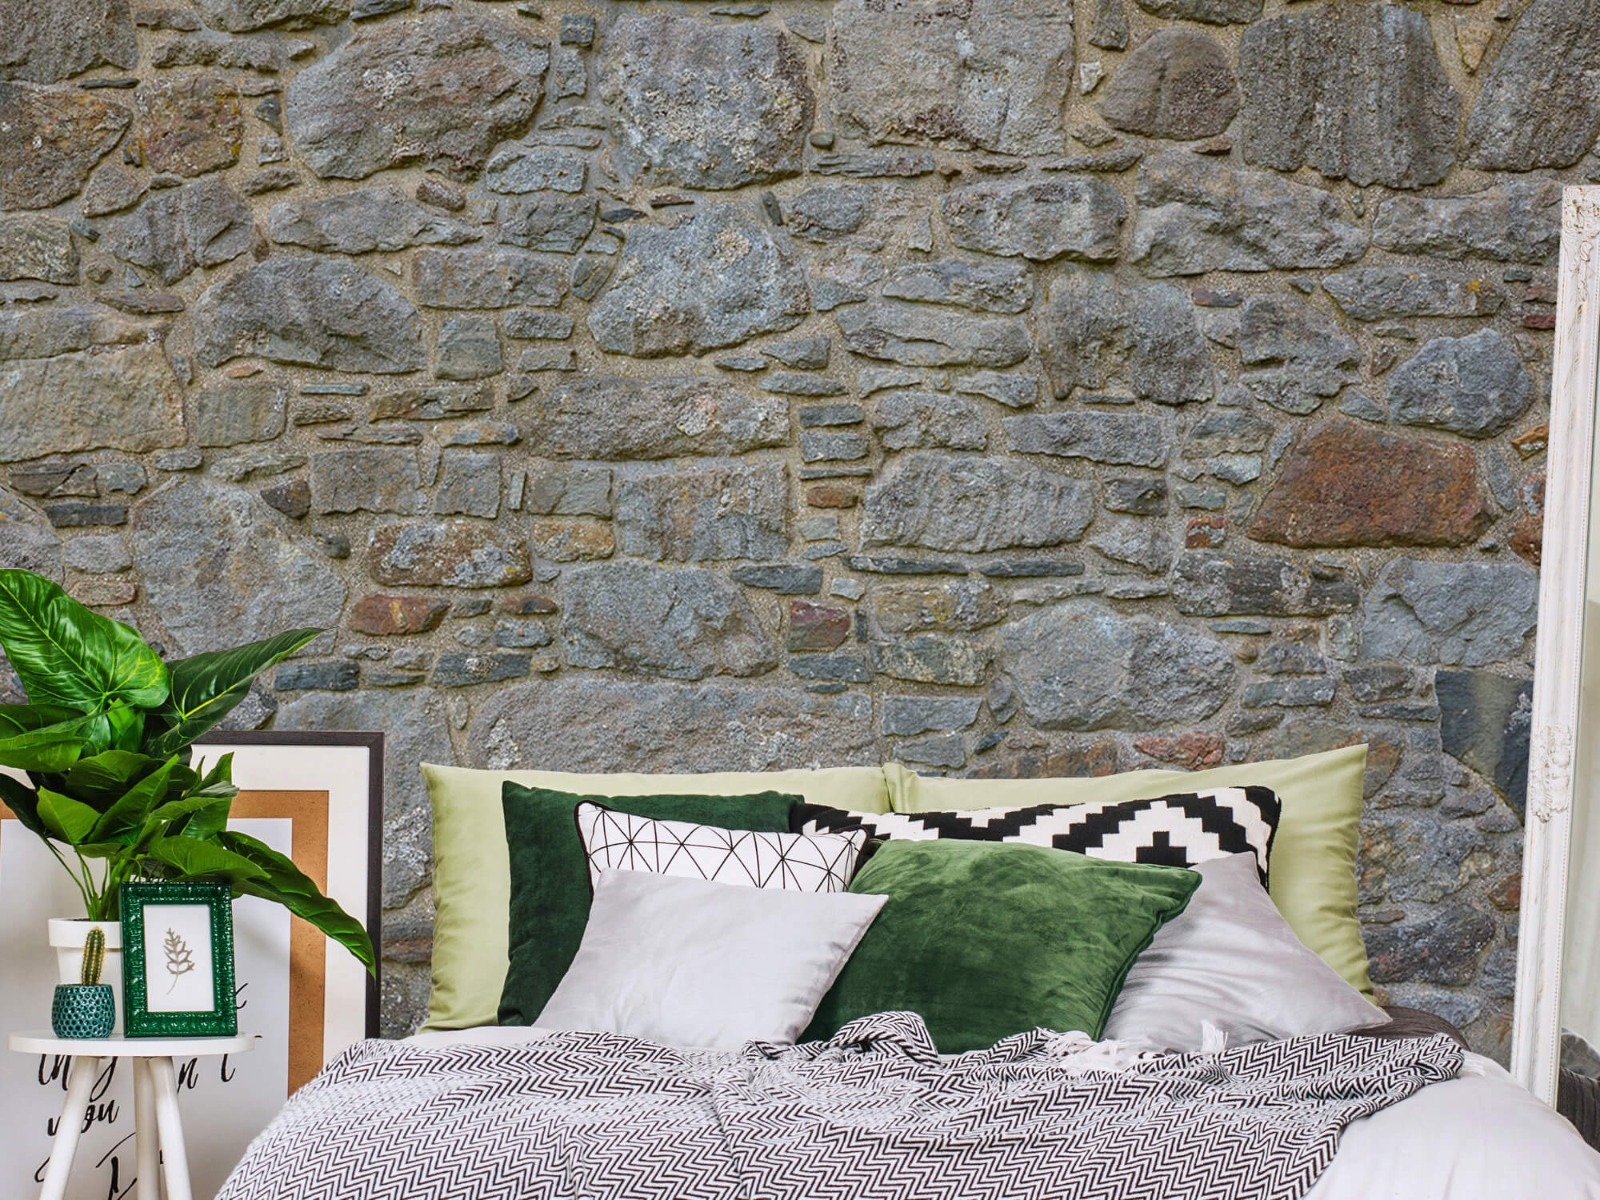 Papier peint en pierre - Mur de pierre médiéval - Chambre à coucher 13